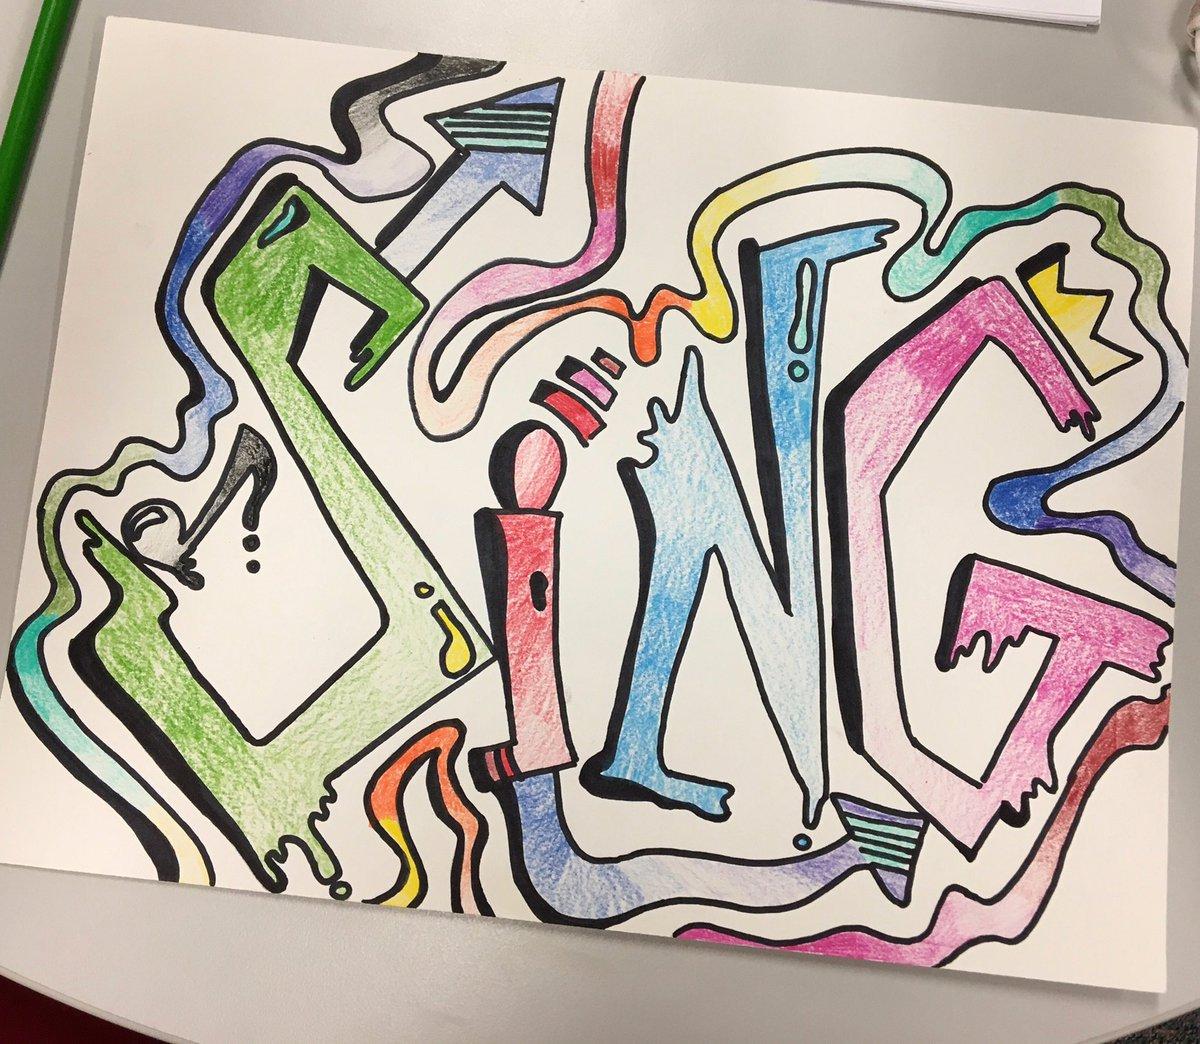 Graffiti Art Fun @Longbranch_Elem @MrsWallingART #misdproud